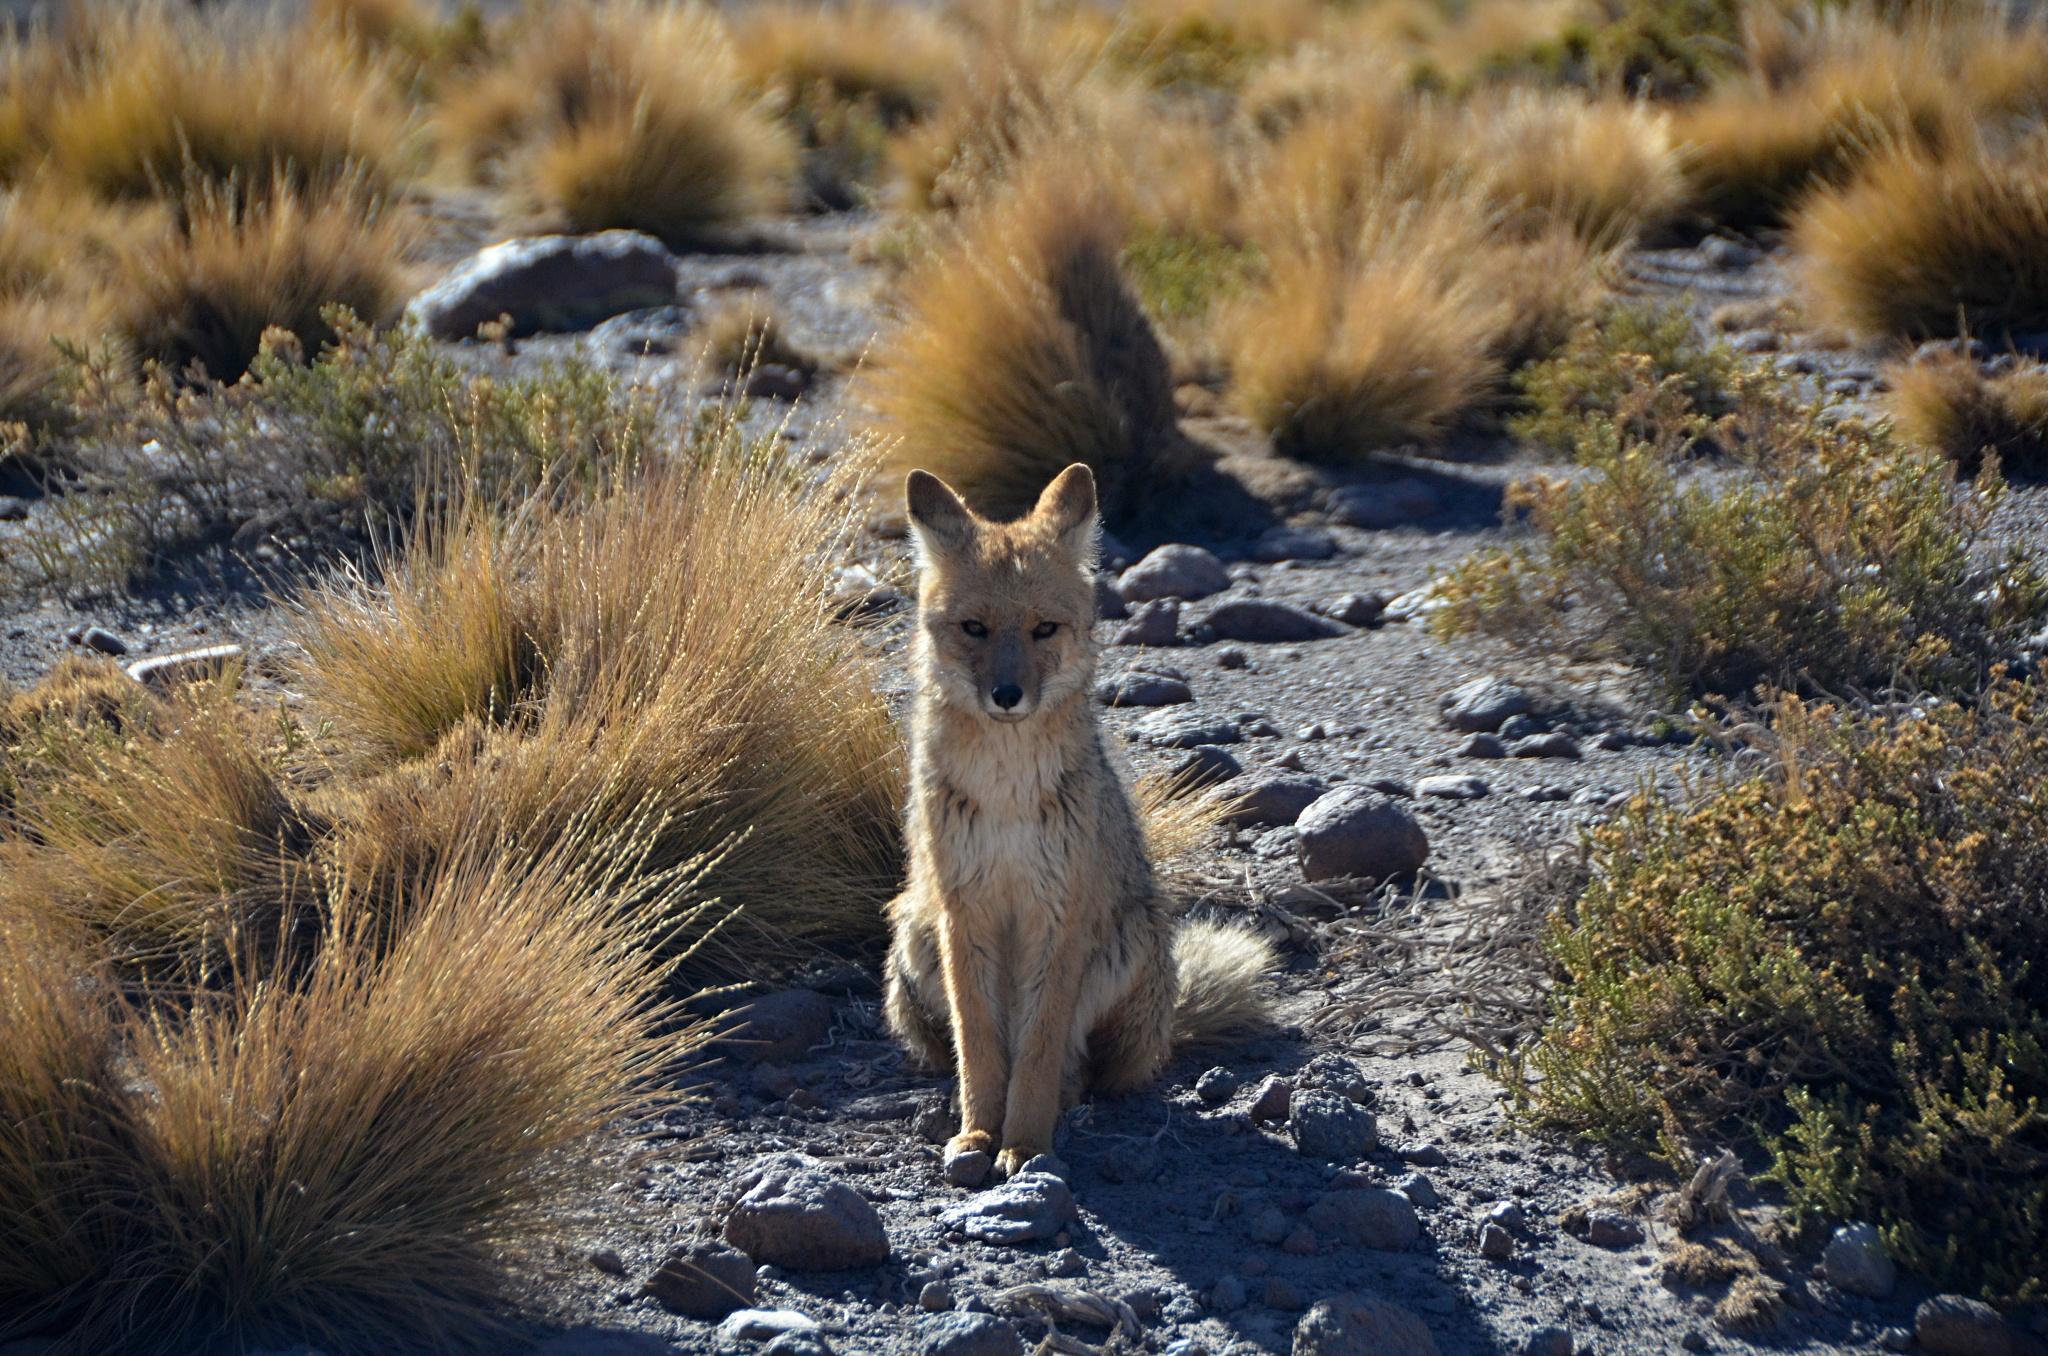 Pes horský aneb Liška patagonská u gejzírů